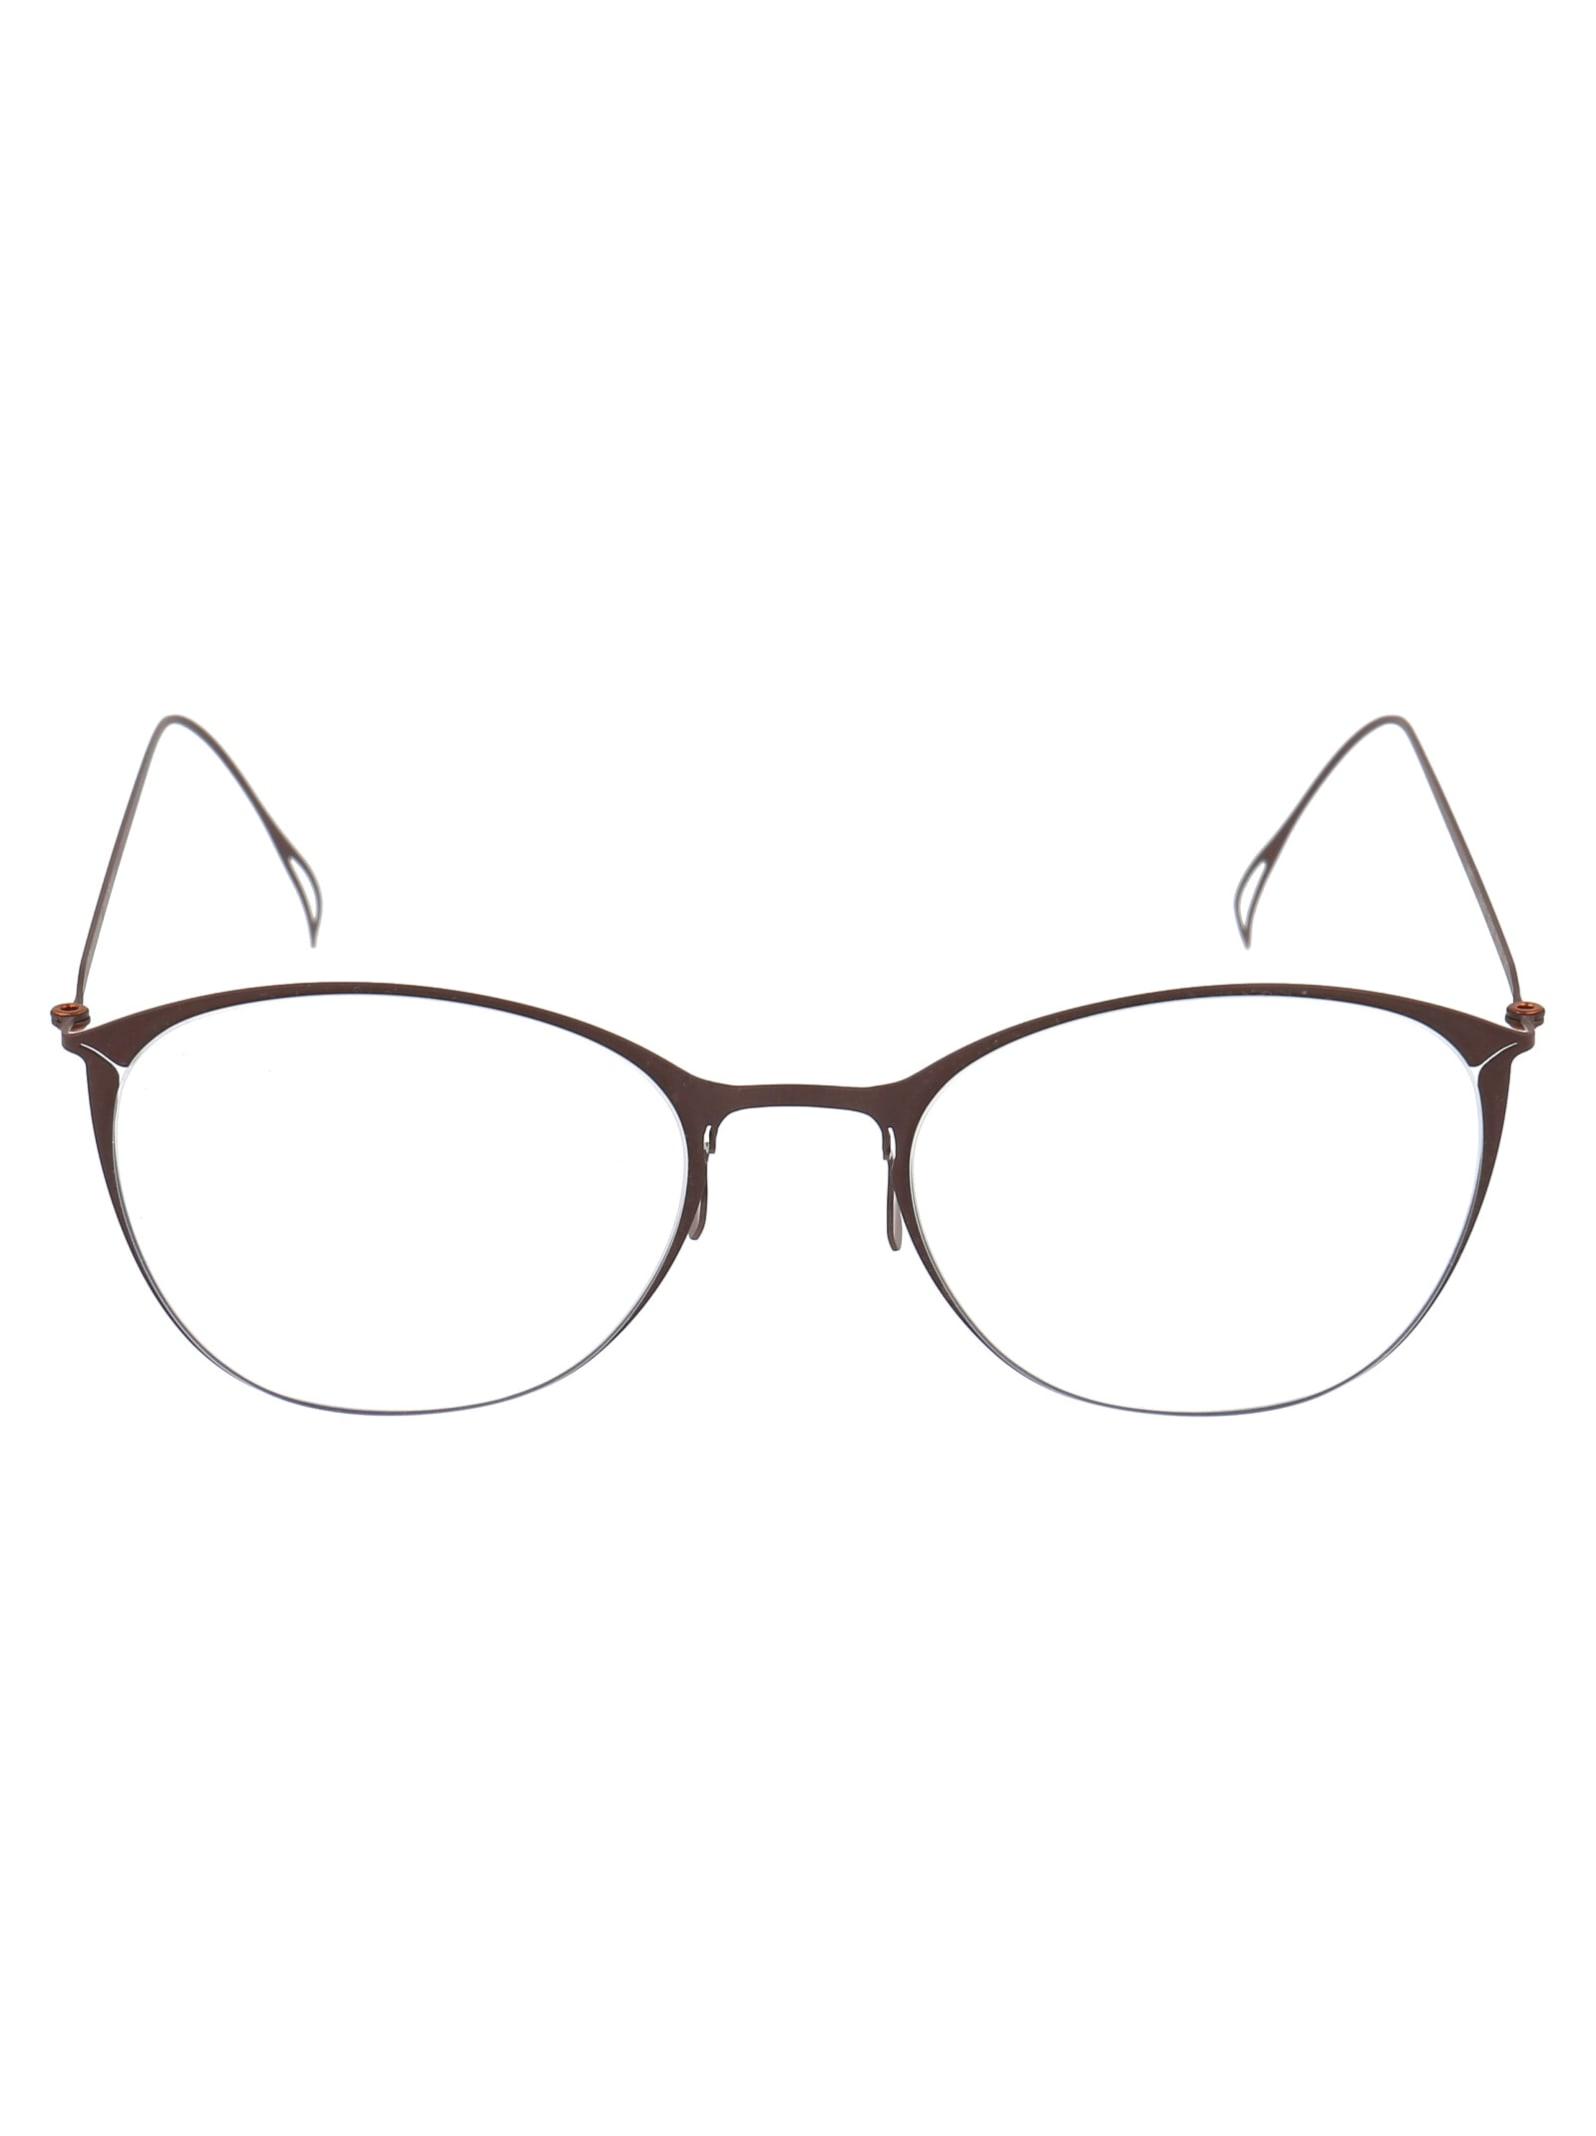 Berthe Glasses